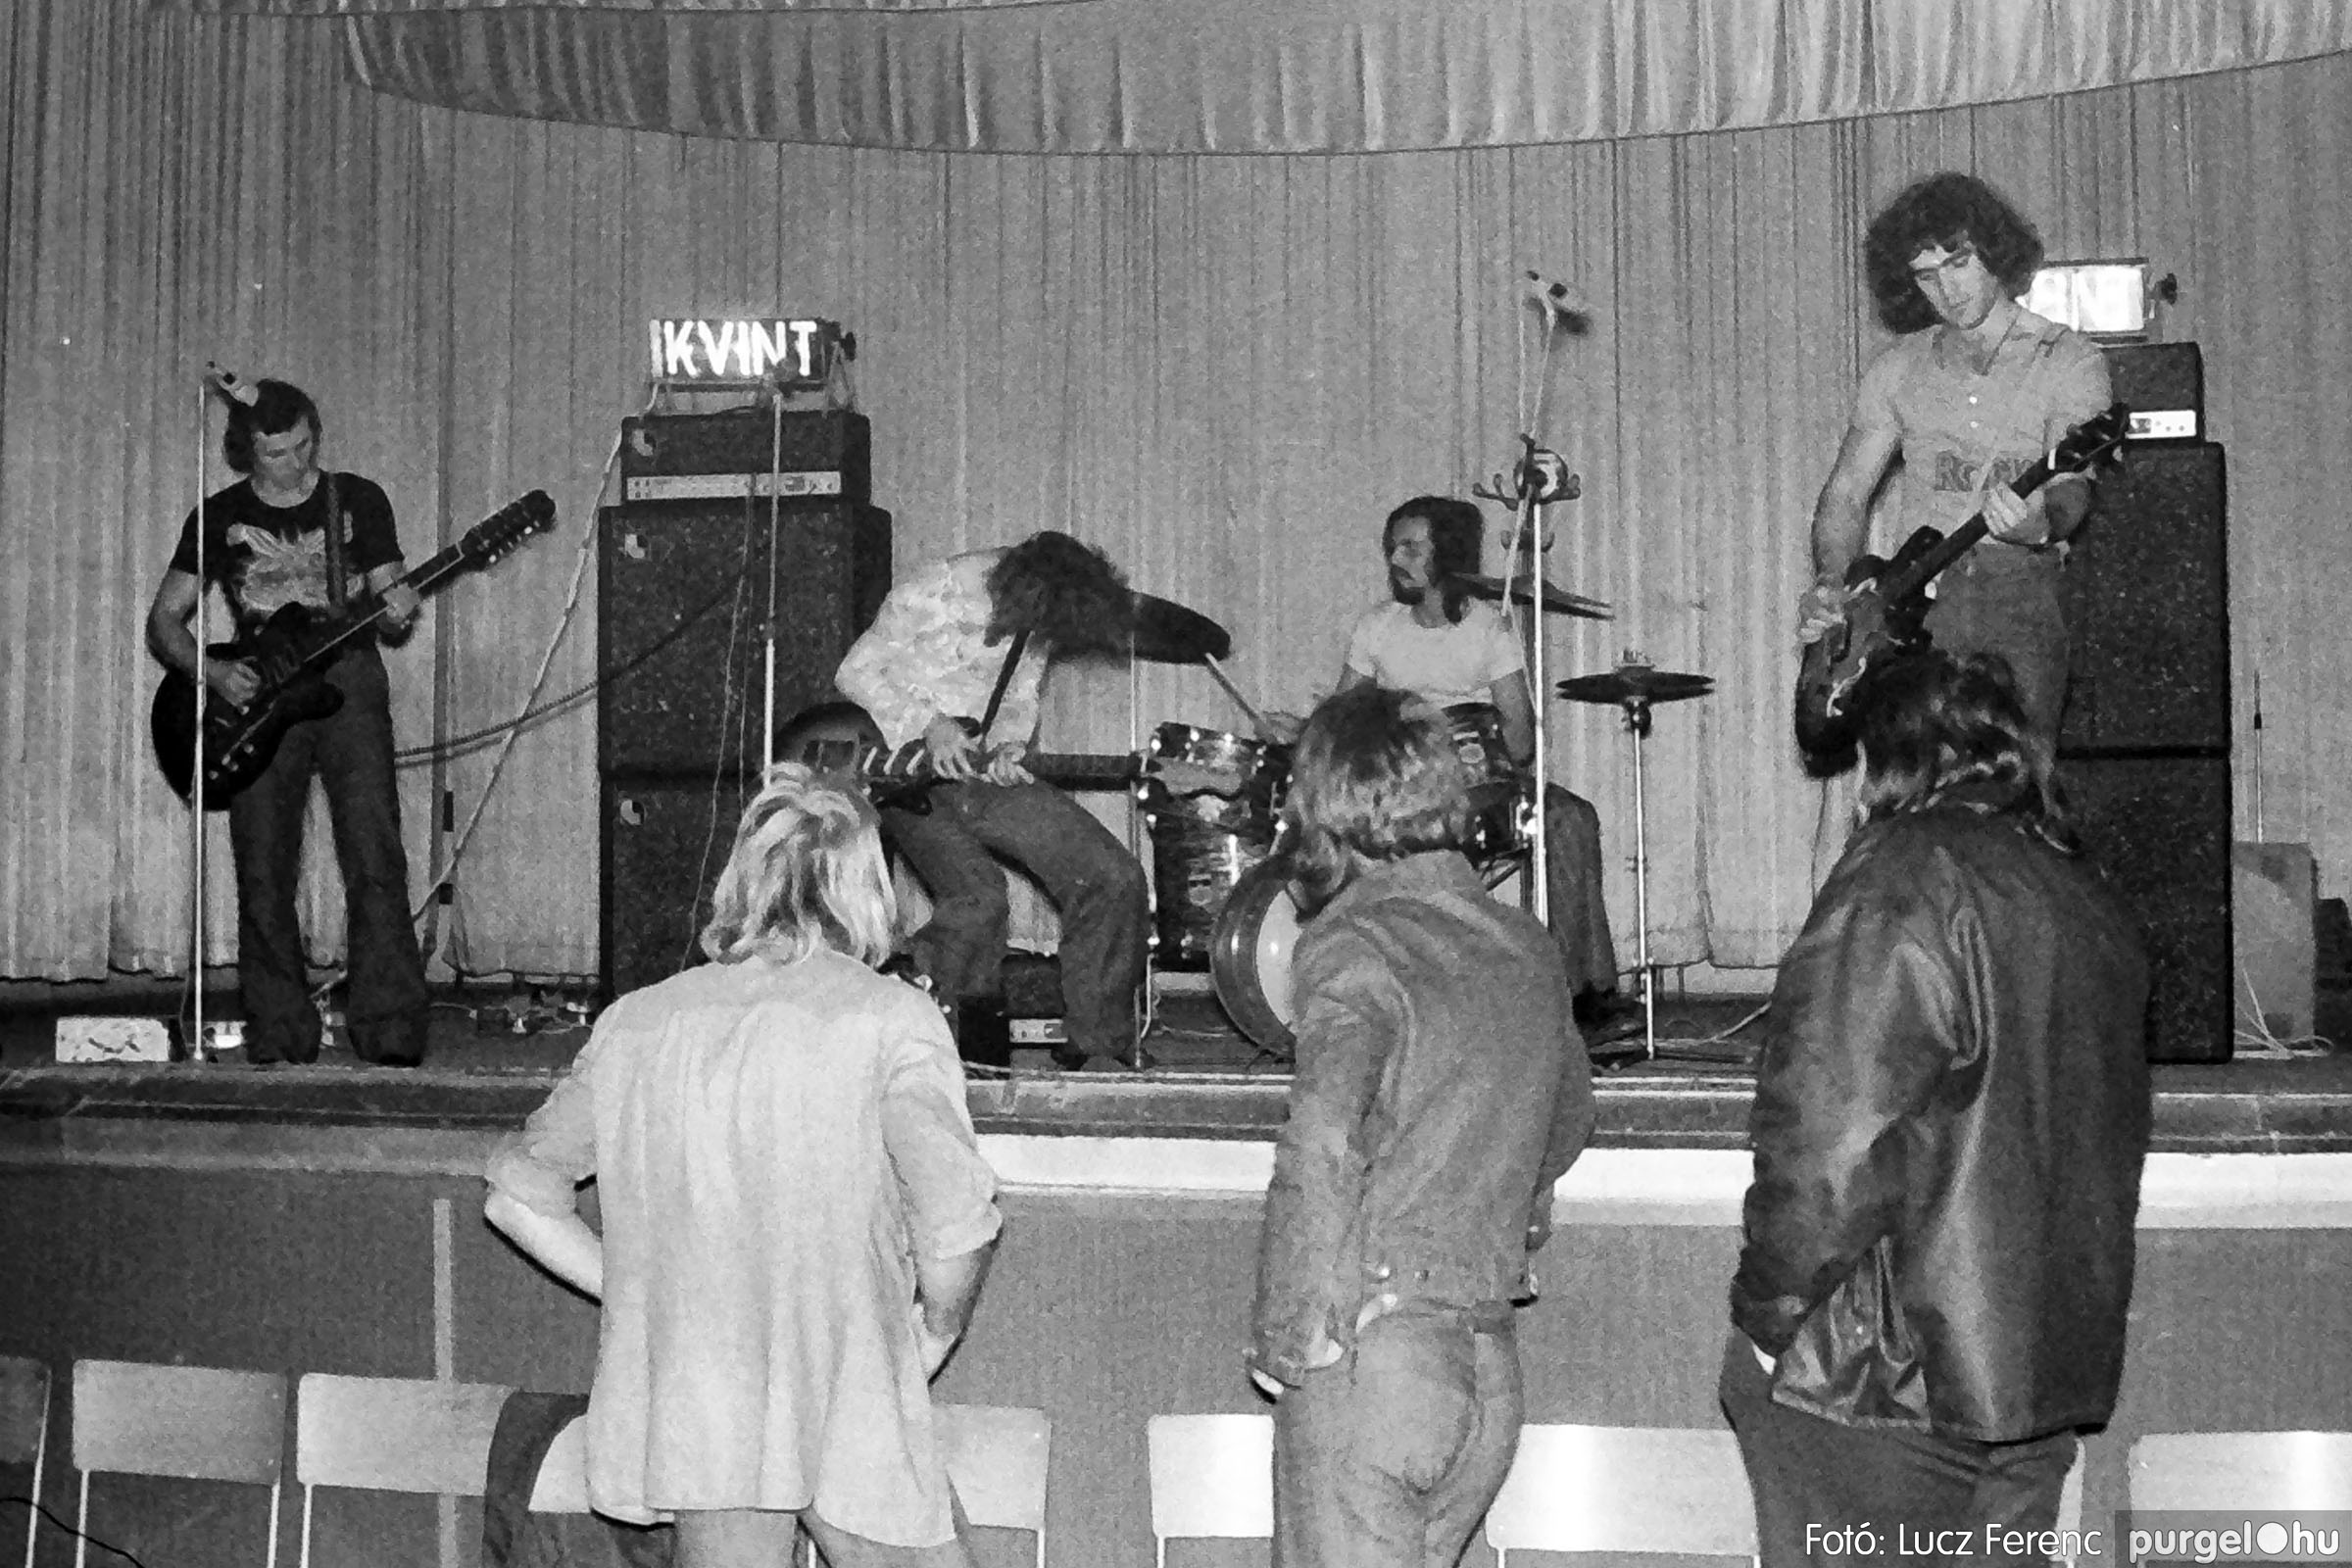 024 1975. A Kvint, az LWH és a Keopsz Együttesek koncertje 003 - Fotó: Lucz Ferenc IMG00181q.jpg